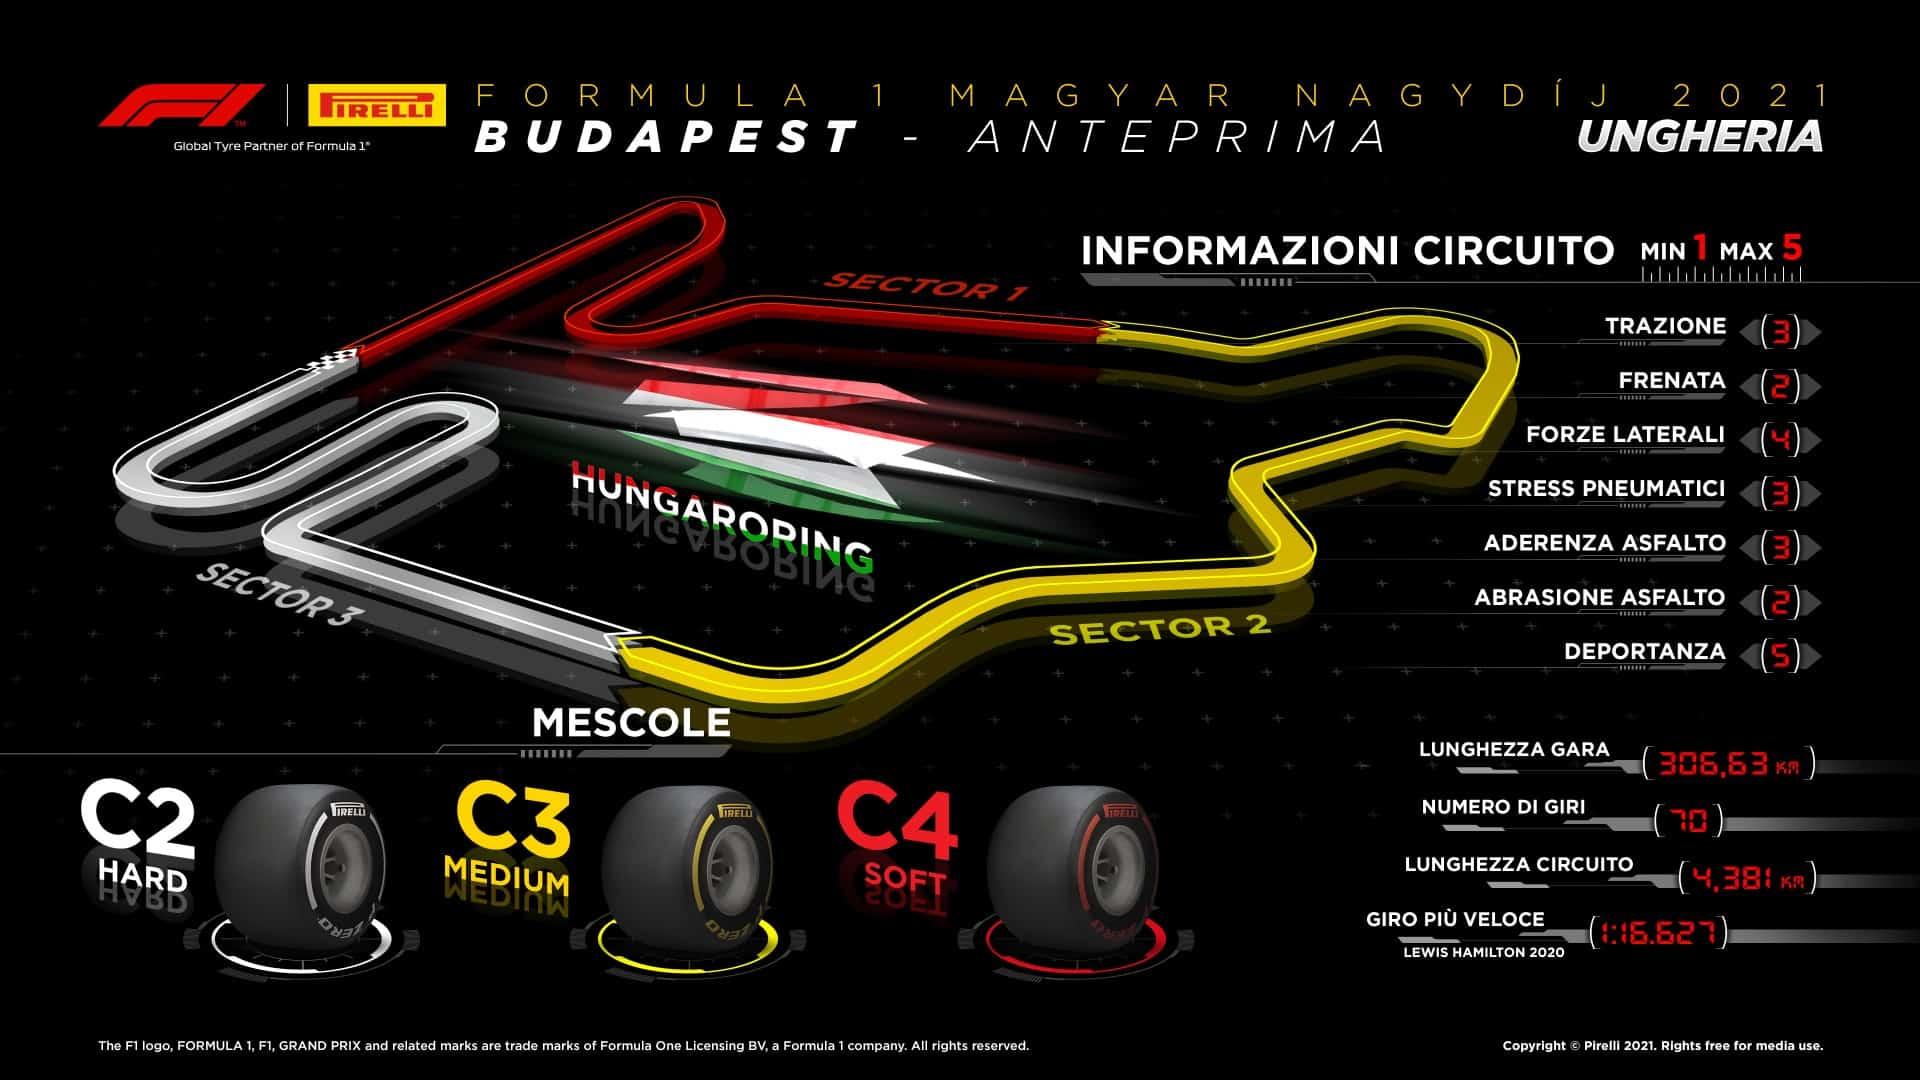 GP di Ungheria 2021